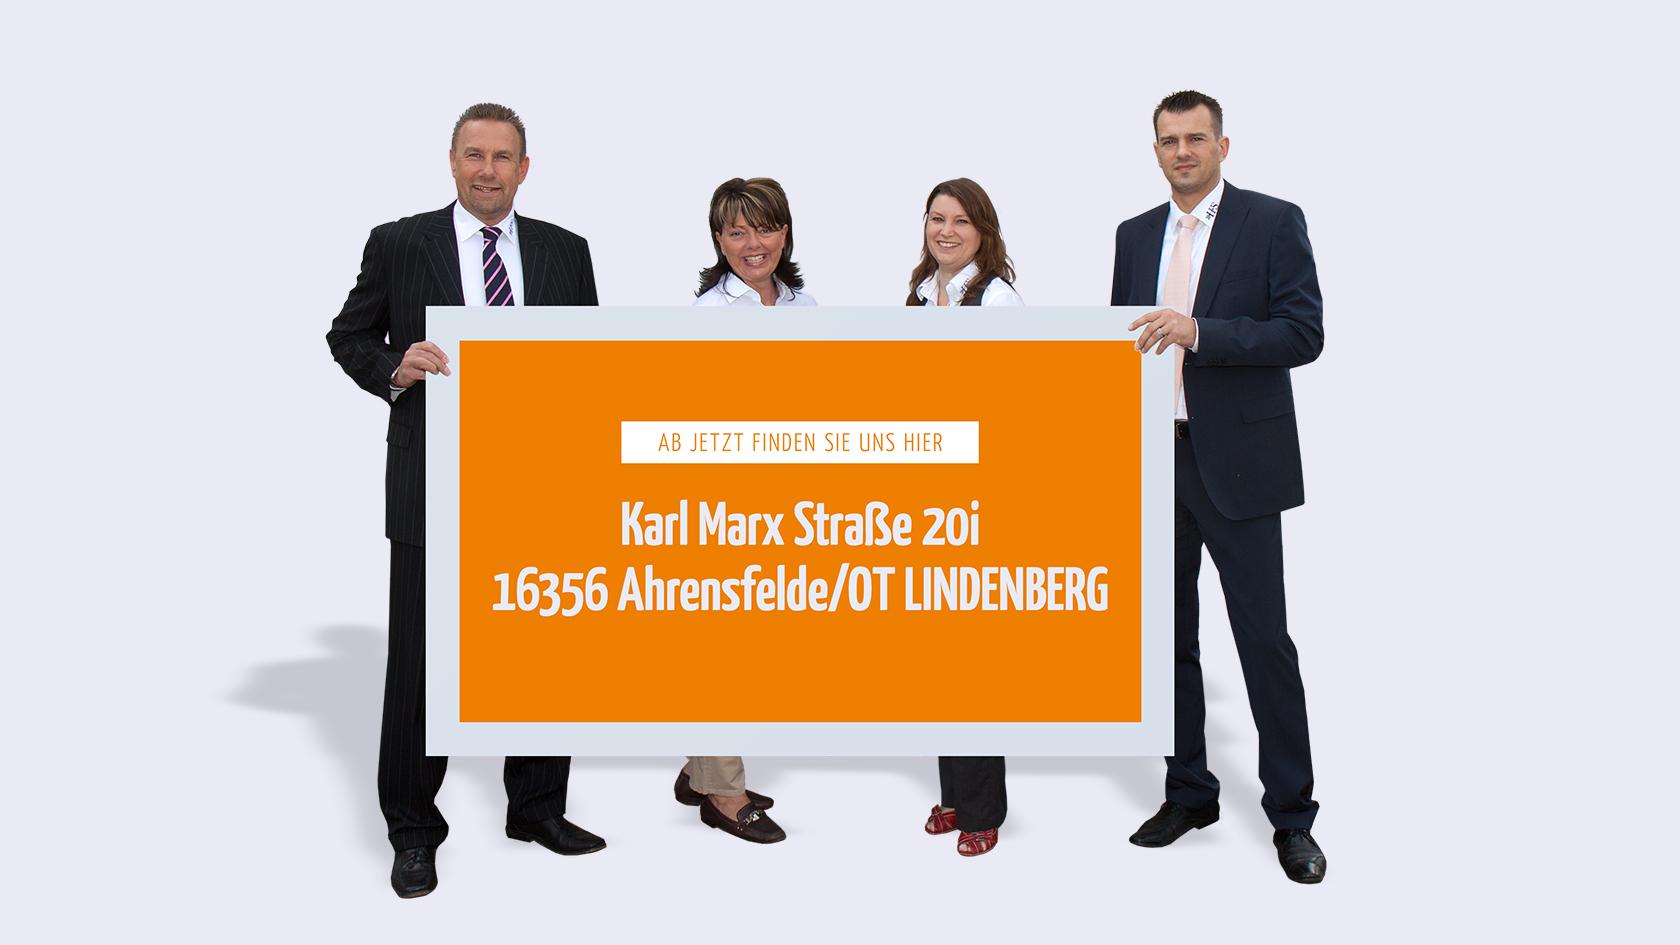 ab_jetzt_finden_sie_uns_hier_karl_marx_strasse_20i_lindenberg